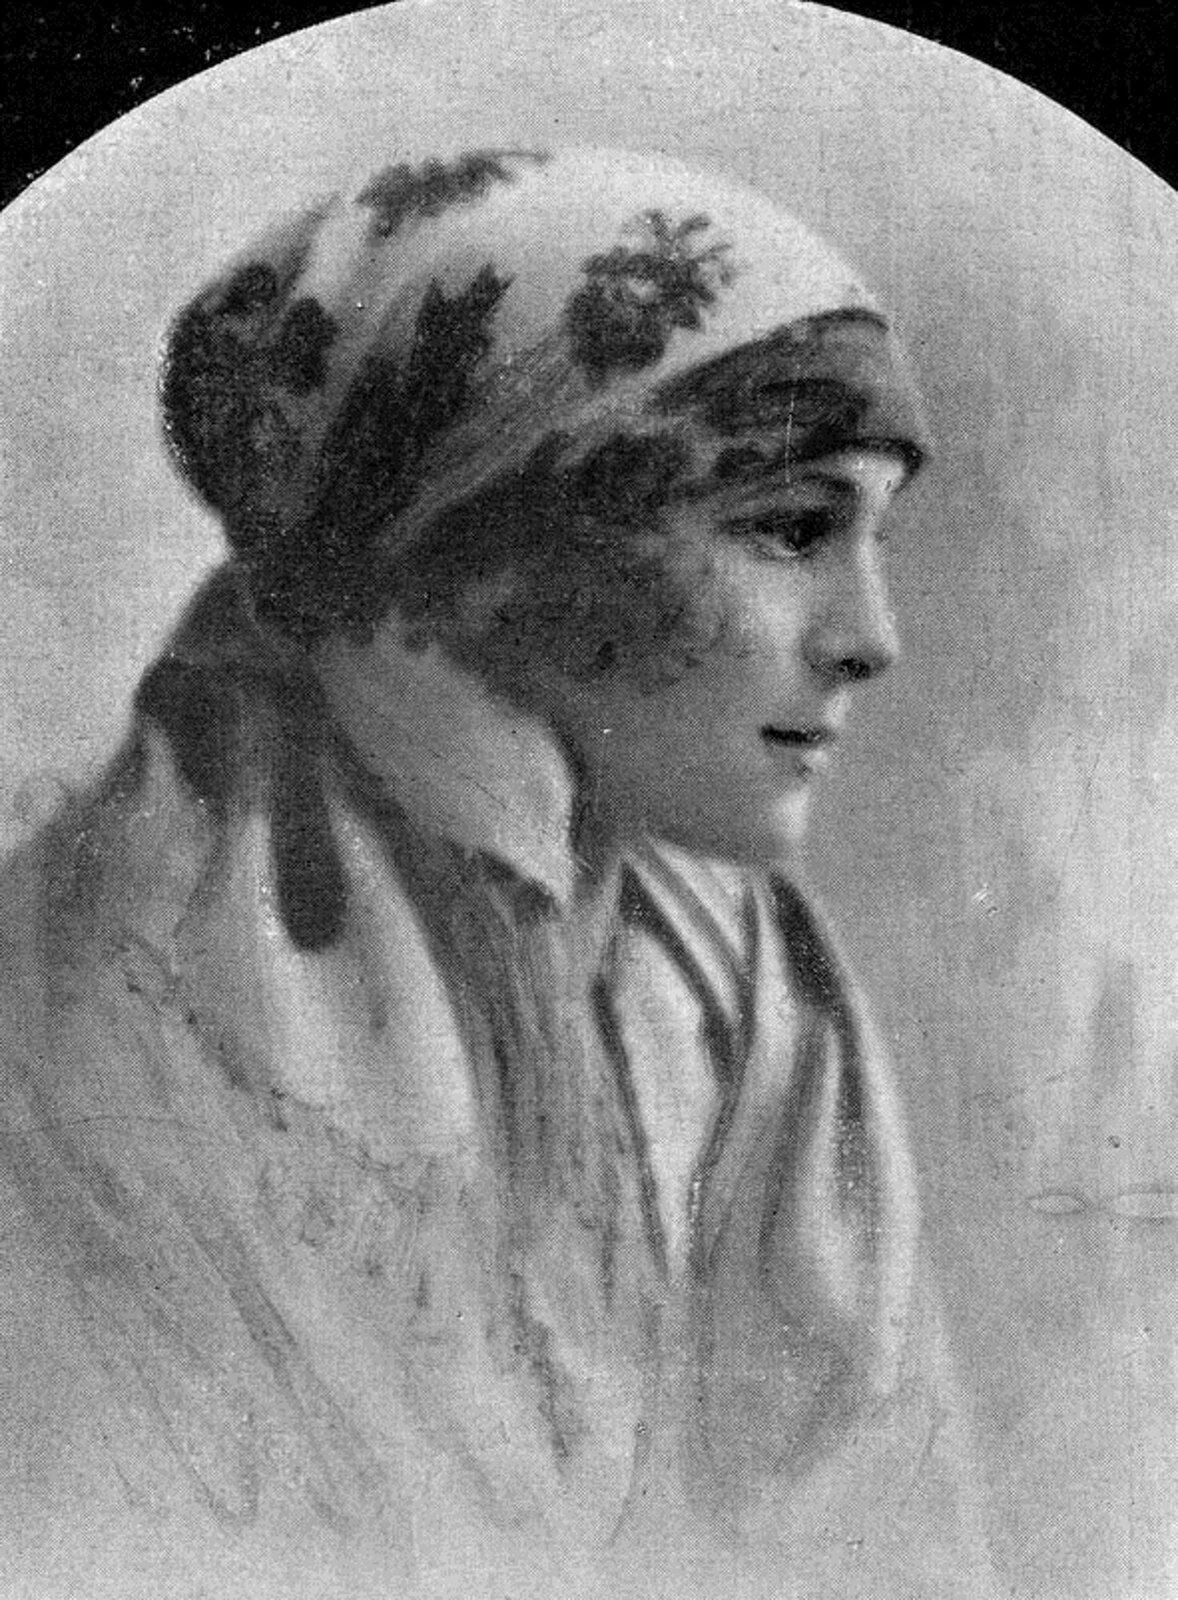 Fotografia przedstawia Helenę Roj-Rytardową. Młoda kobieta wchustą na głowie, która ma wzór kwiatowy. Helena ma twarz delikatną, bladą, lekko uśmiecha się.